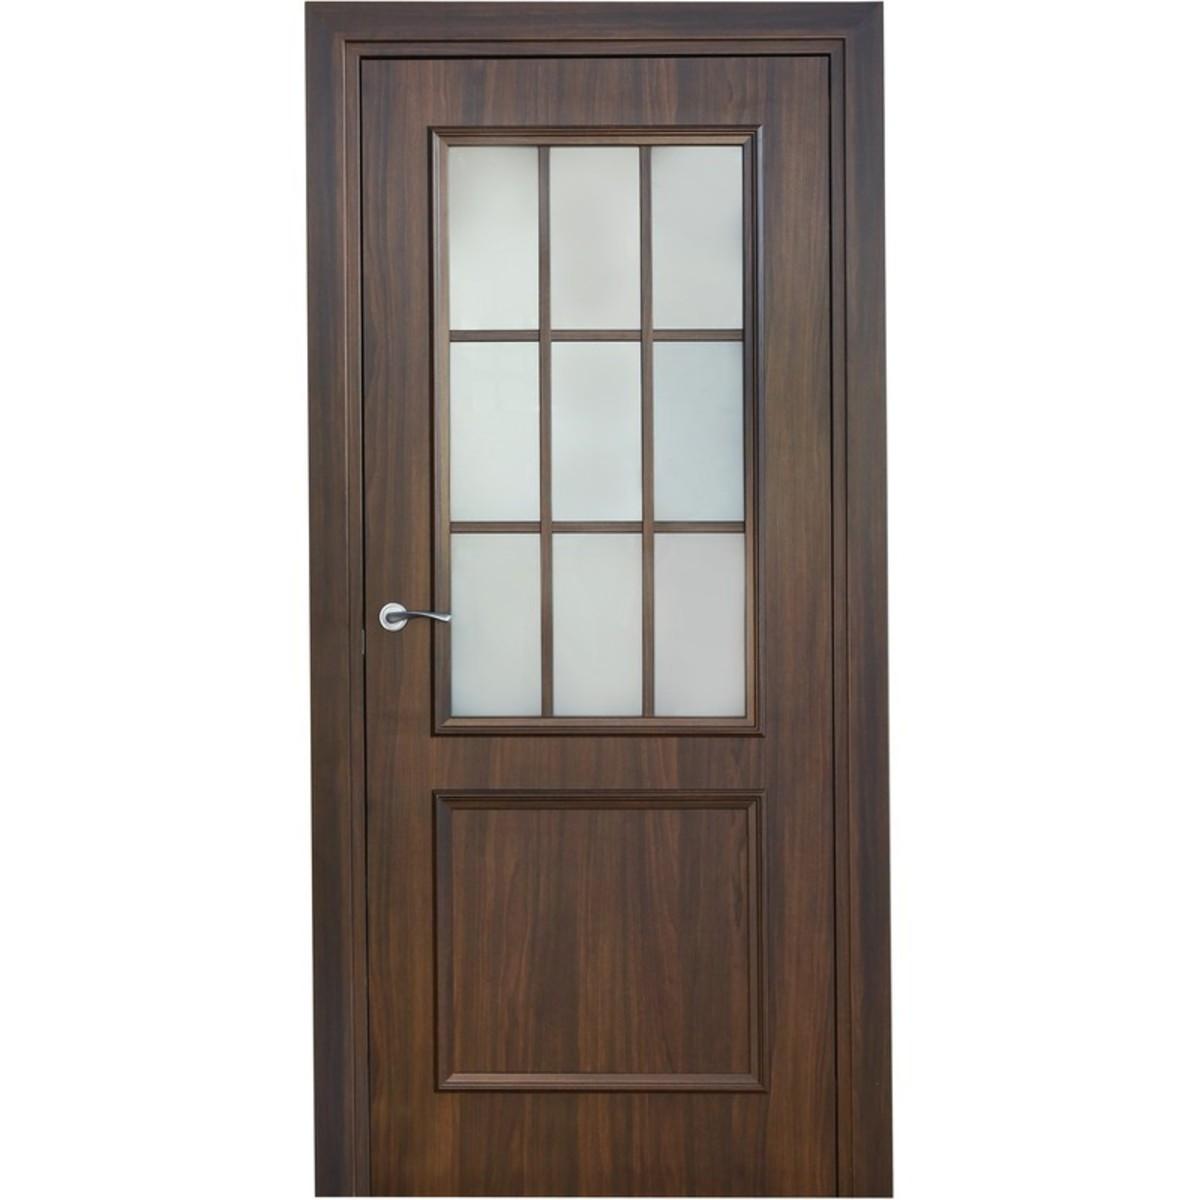 Дверь Межкомнатная Остеклённая Altro 70x200 Ламинация Цвет Орех Марроне